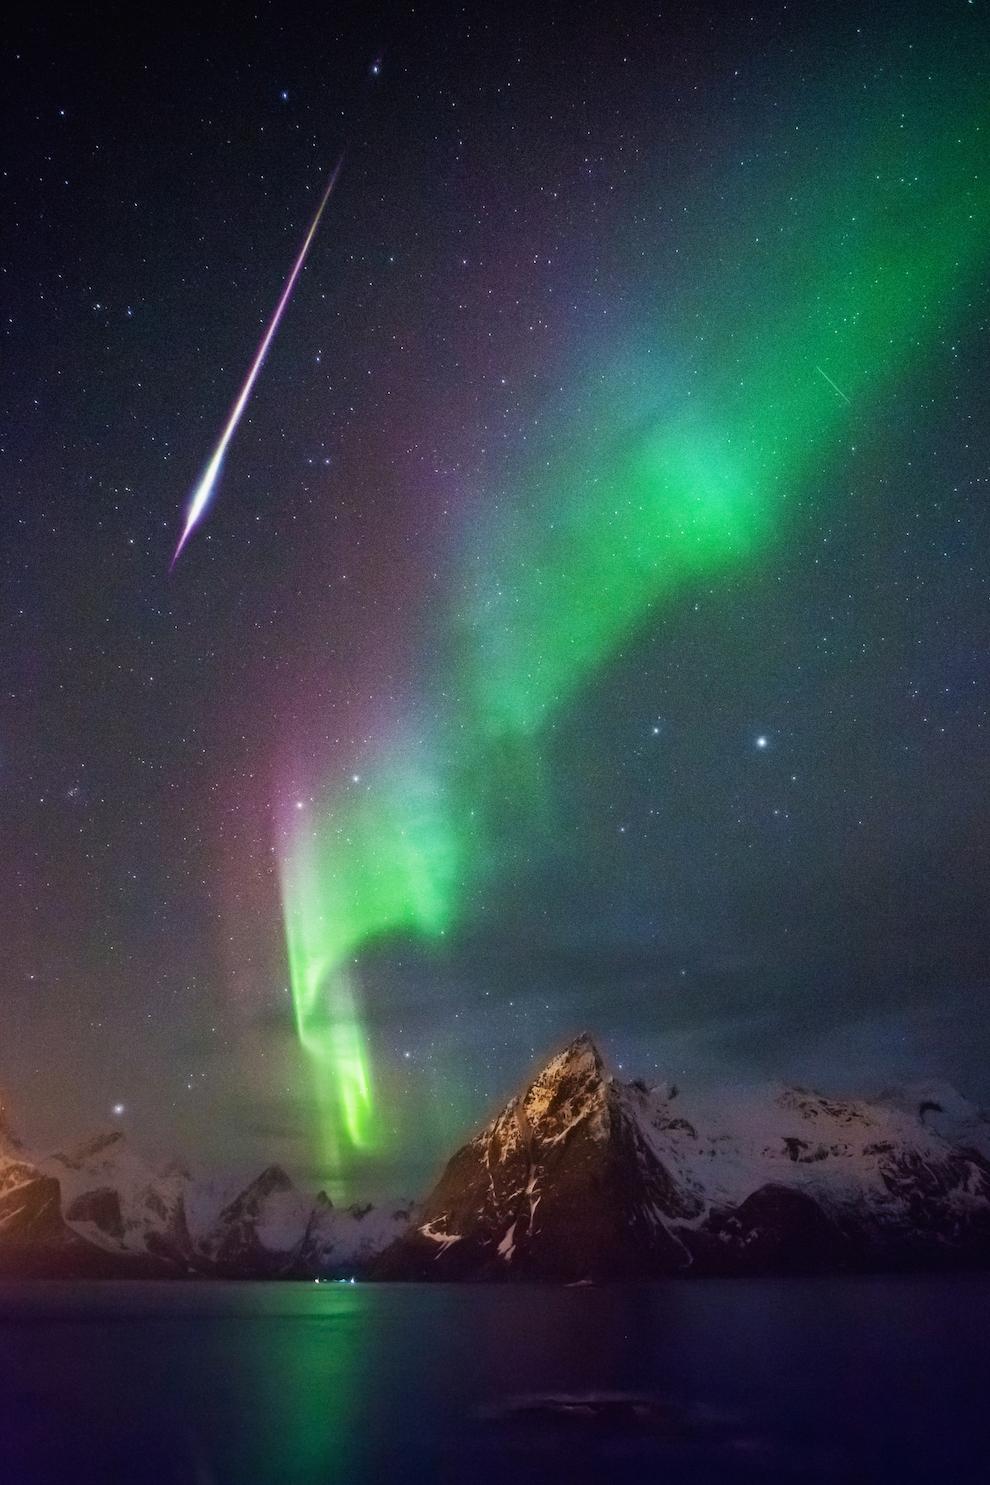 Ati putea crede ca obtinerea unei fotografii care sa surprinda atat Aurora Boreala, cat si un meteor spectaculor, este o chestiune de noroc.  Nu e tocmai adevarat. Atunci cand fotografiezi Luminile Nordului in fiecare noapte senina, sansele cresc destul de mult. Ca in multe alte domenii, determinarea si consecventa conduc spre reusita in astrofotografie.